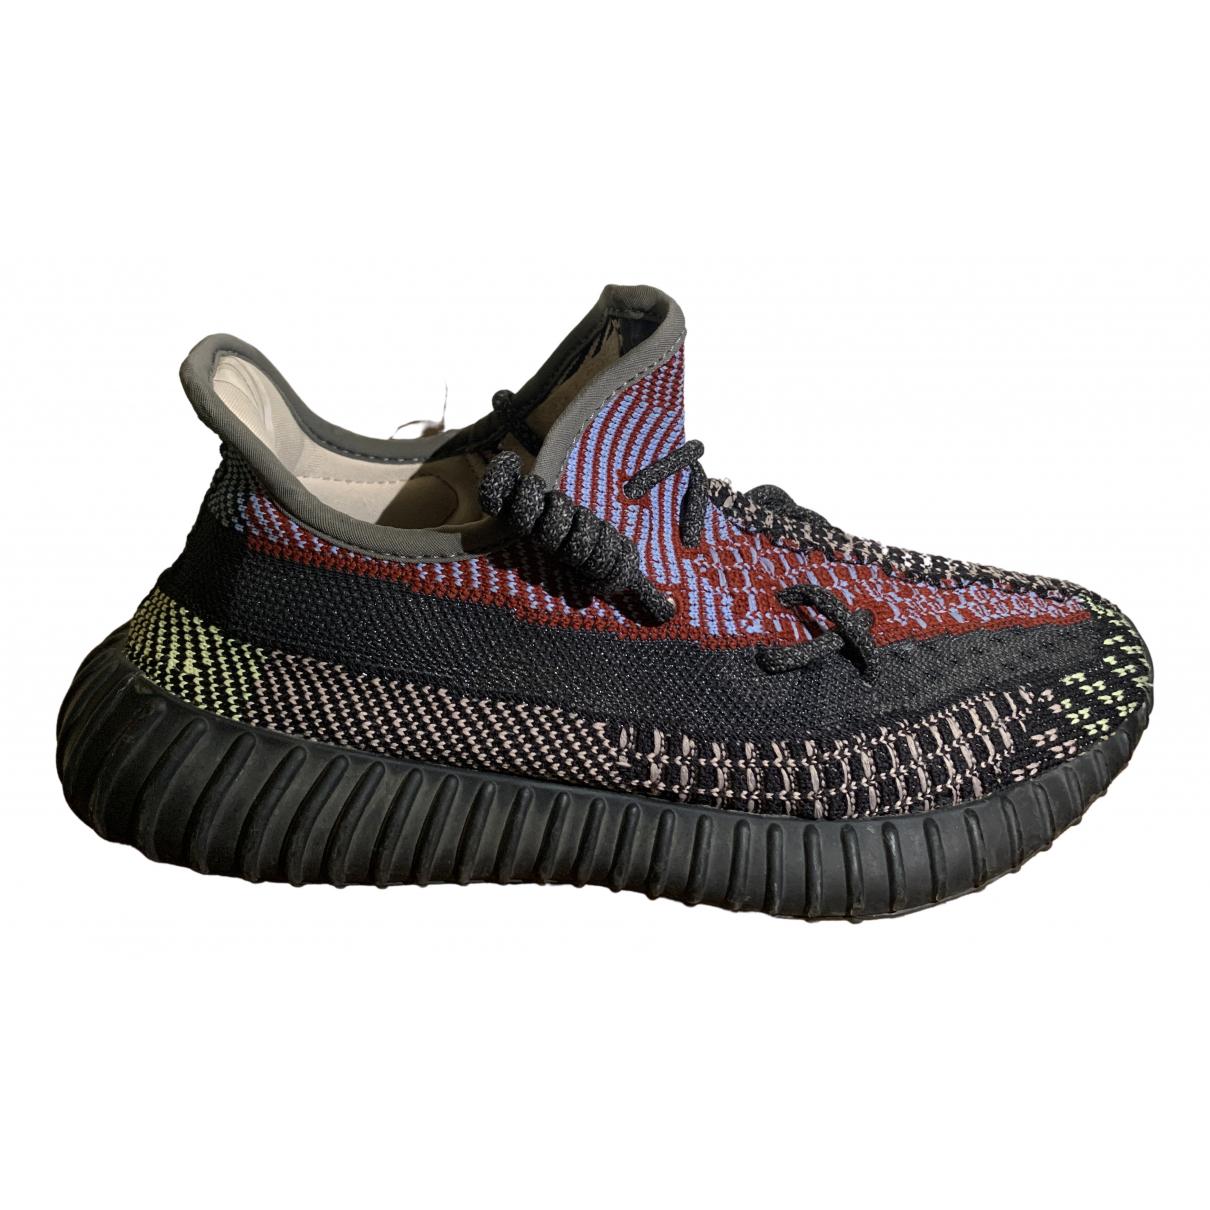 Yeezy X Adidas - Baskets Boost 350 V2 pour homme en toile - multicolore